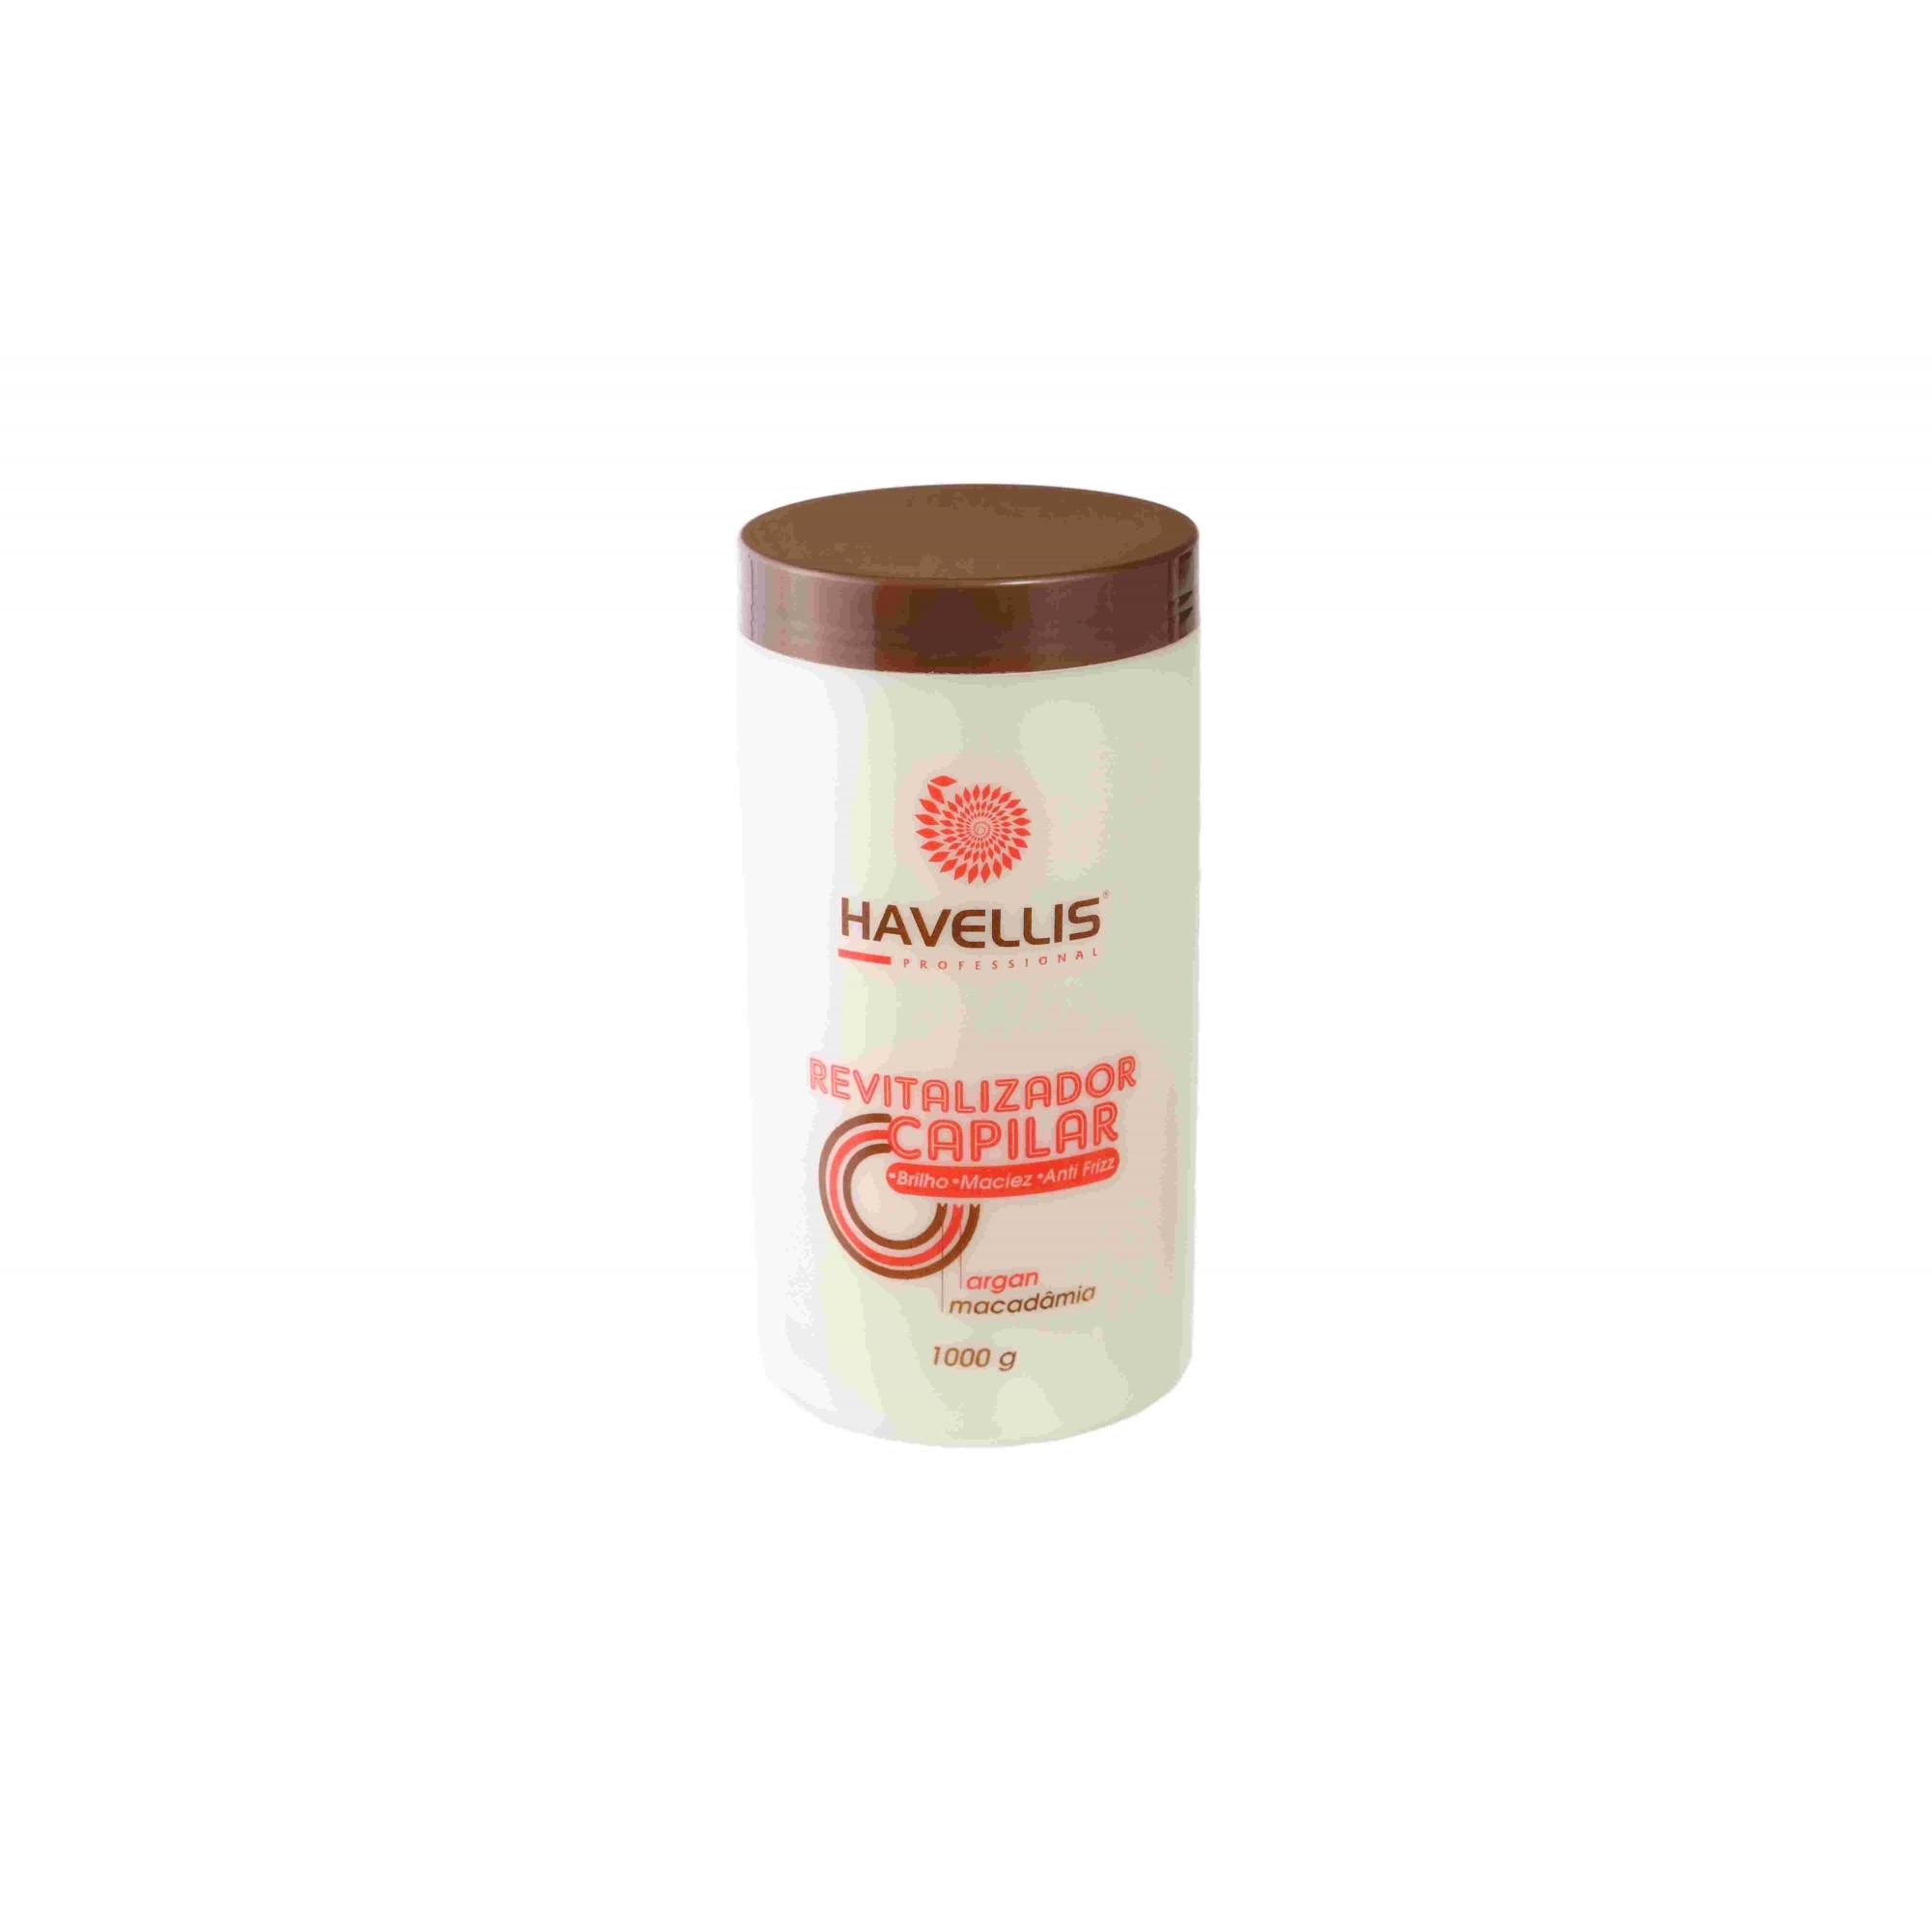 Mascara De Reconstrução  - Revitalizador Capilar 1Kg Havellis